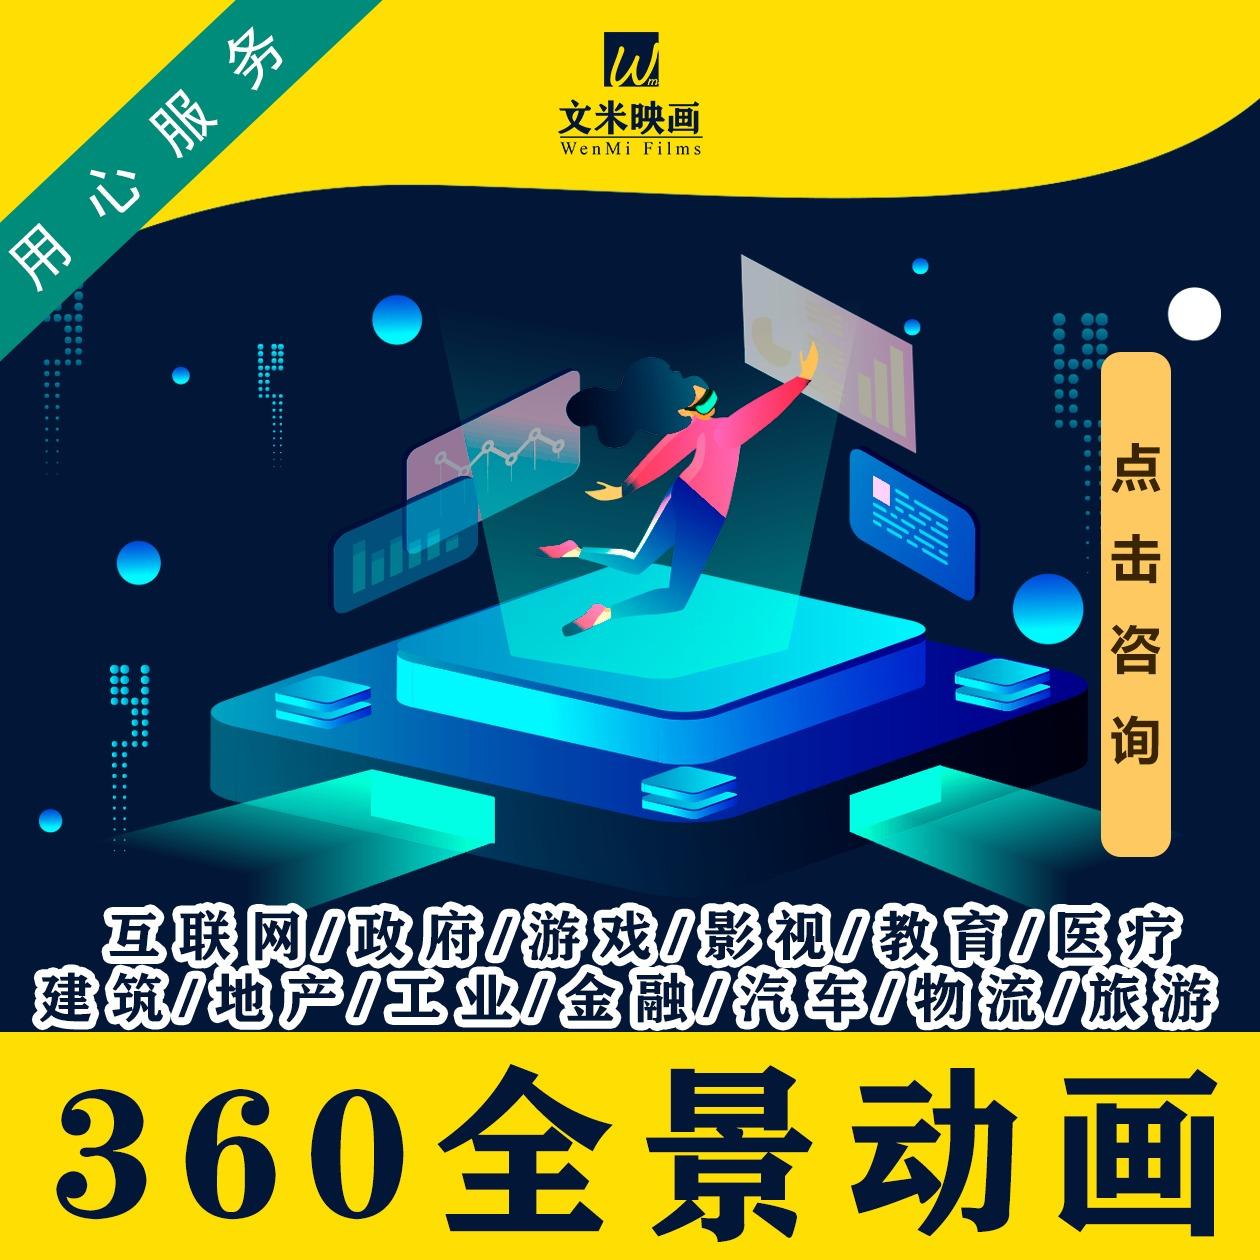 【360全景动画】地产游戏工业金融汽车旅游科幻政府影视教育